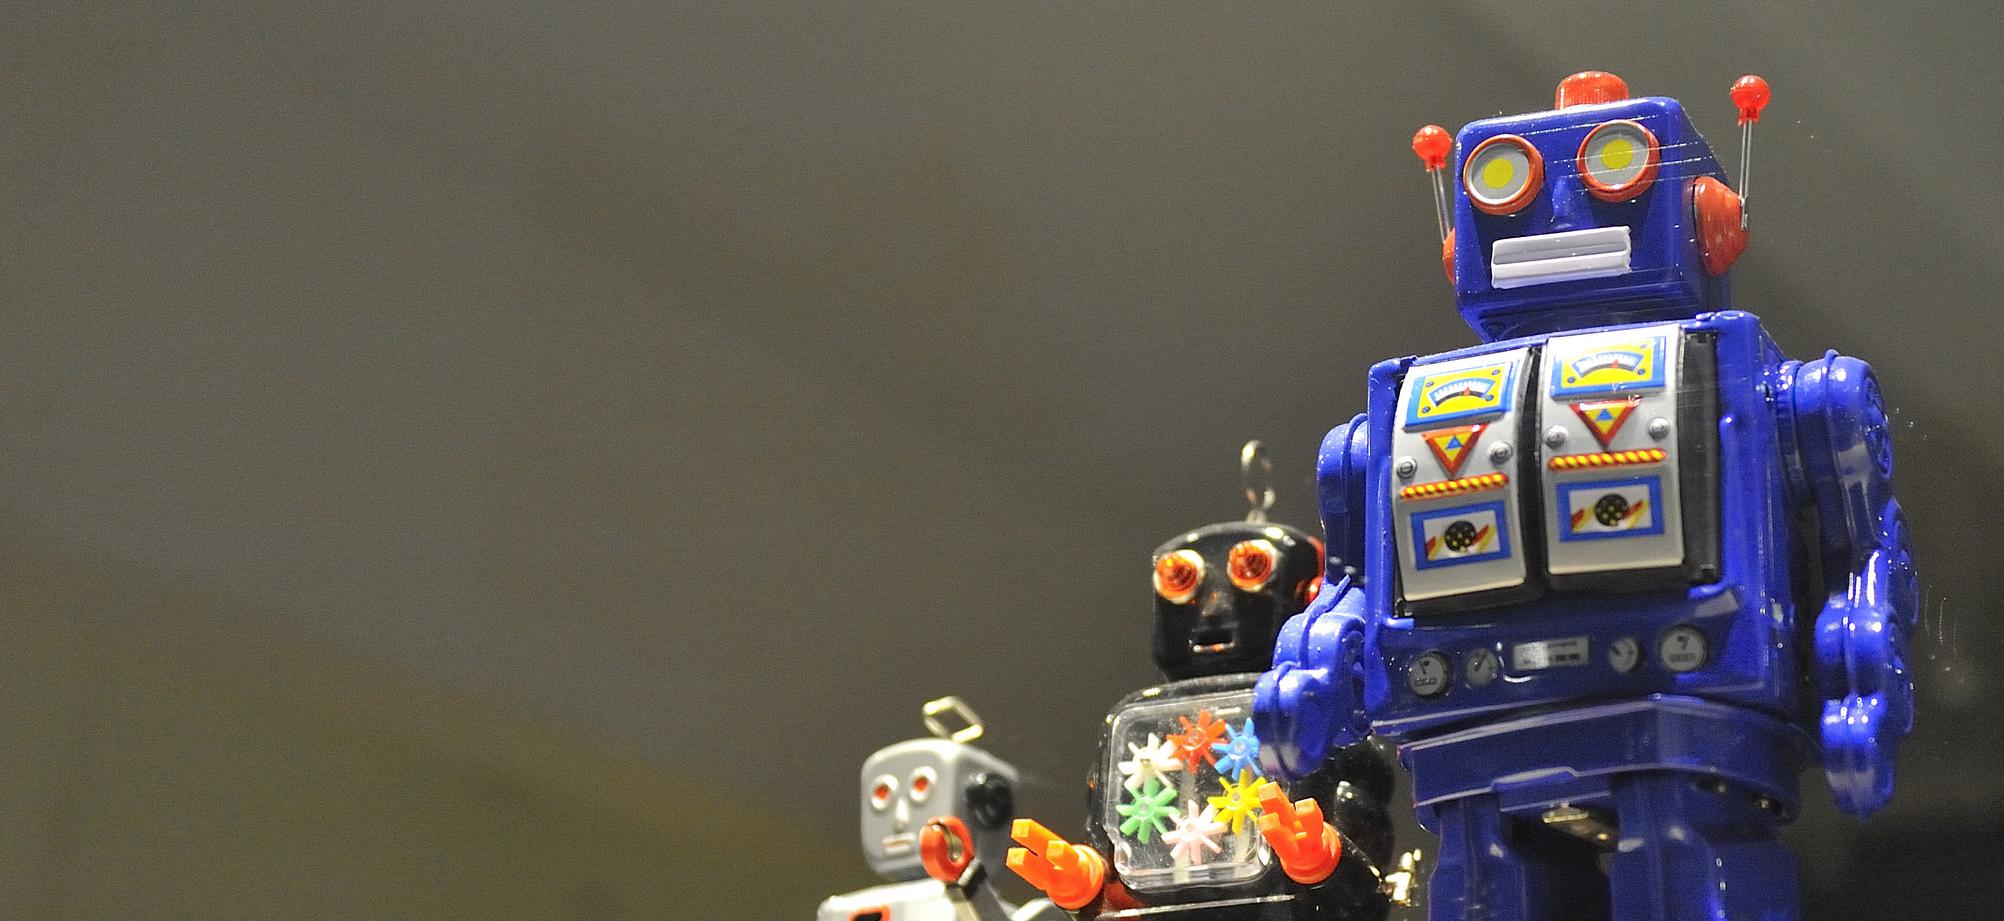 Пять лучших специалистов ИИ объединились для работы над созданием феноменального робота